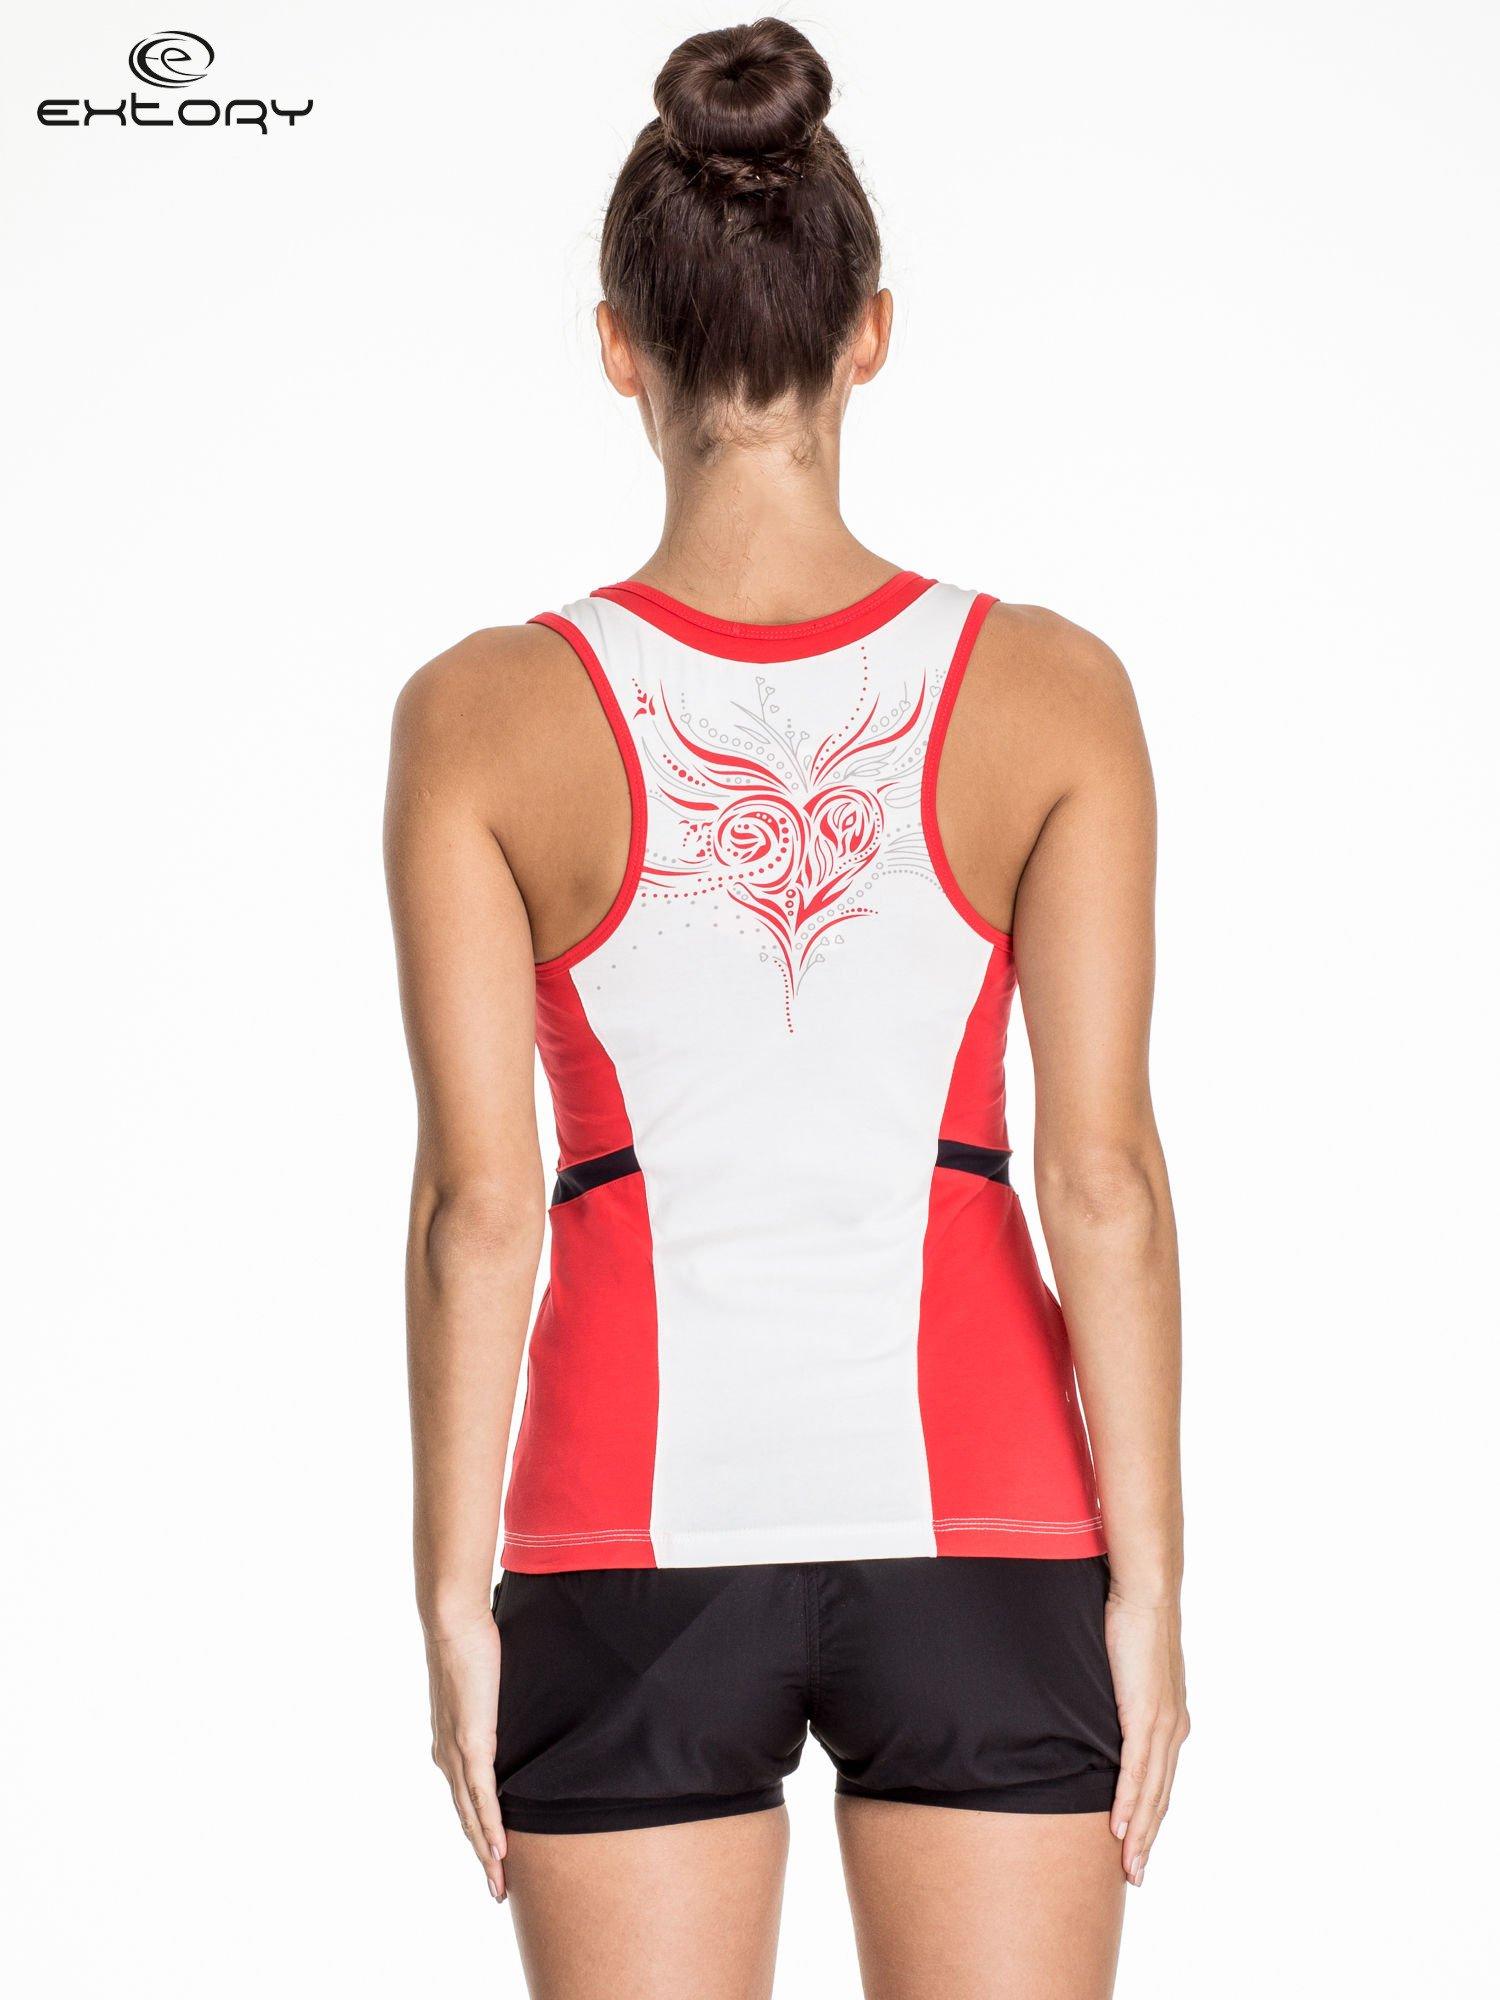 Biało-czerwony damski top sportowy z nadrukiem na plecach                                  zdj.                                  4